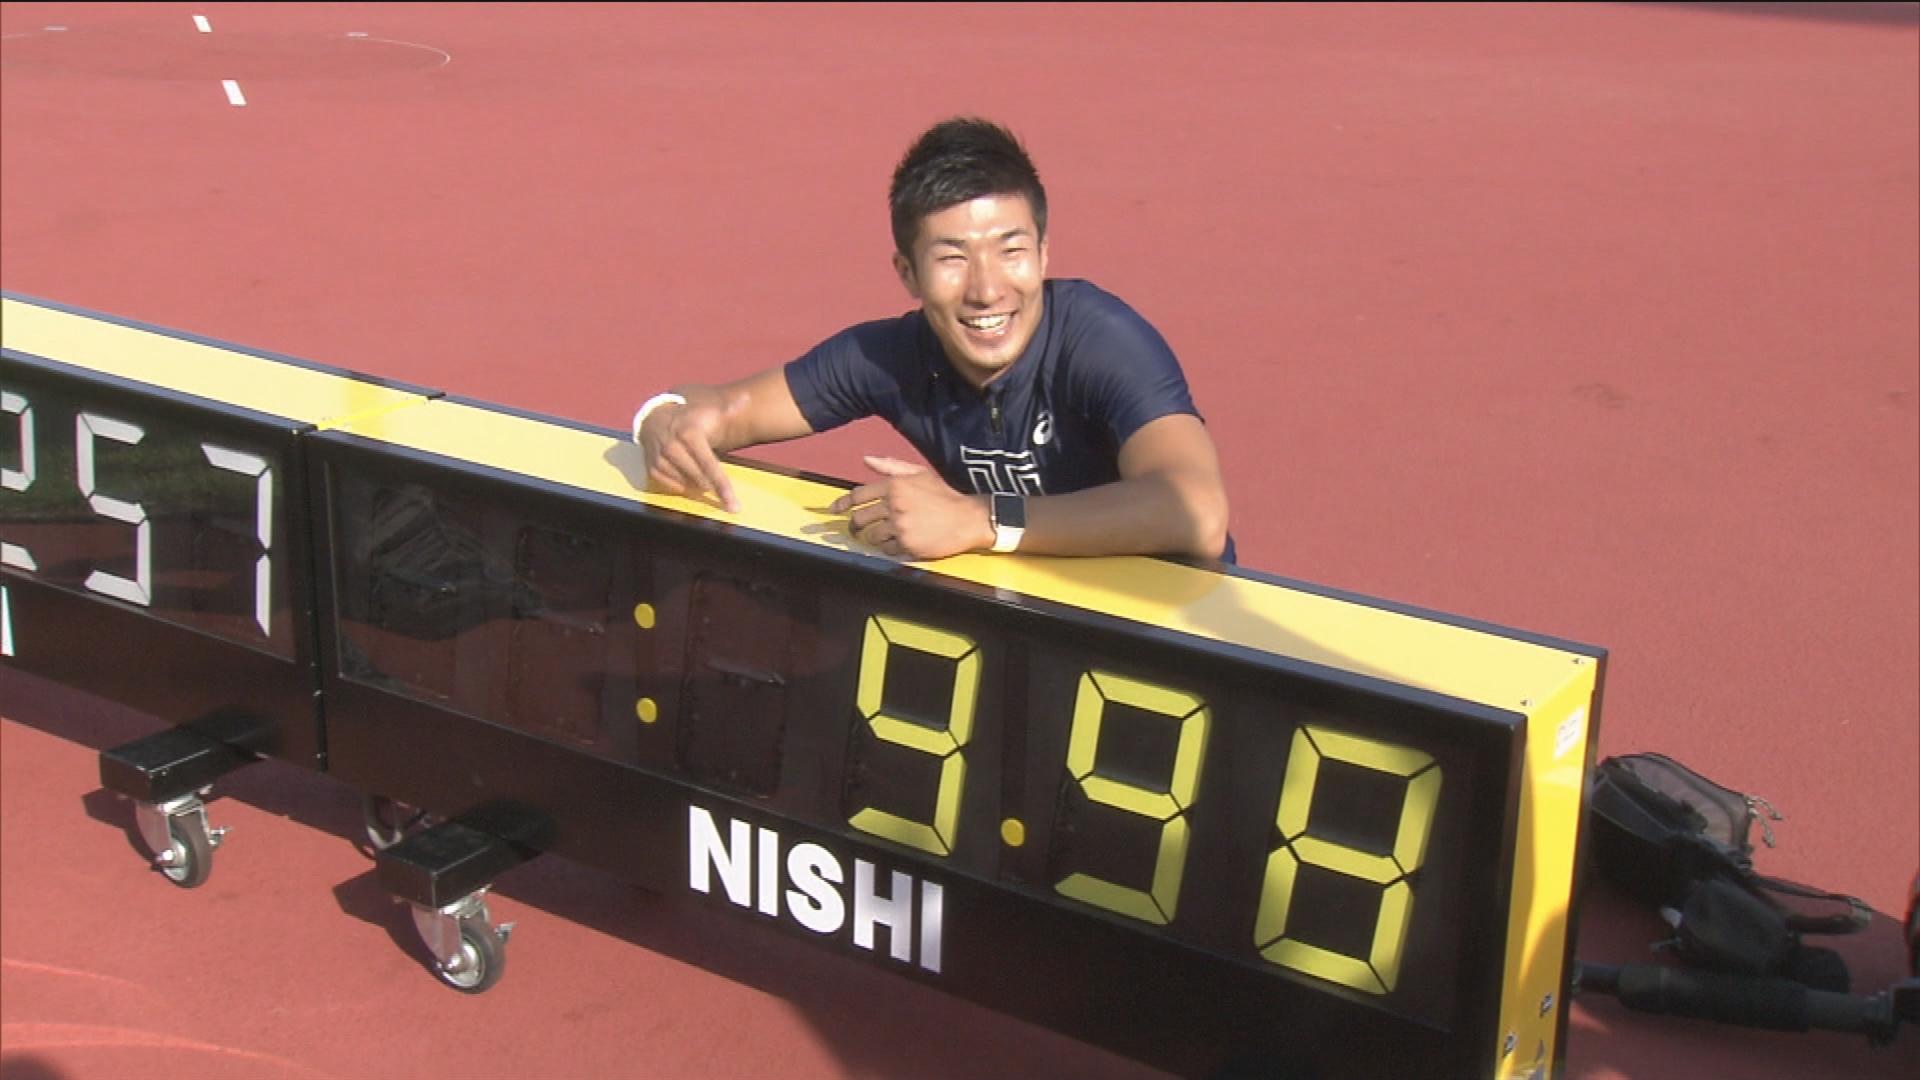 100m 9秒台の世界へ ~日本選手初・桐生祥秀が語る~